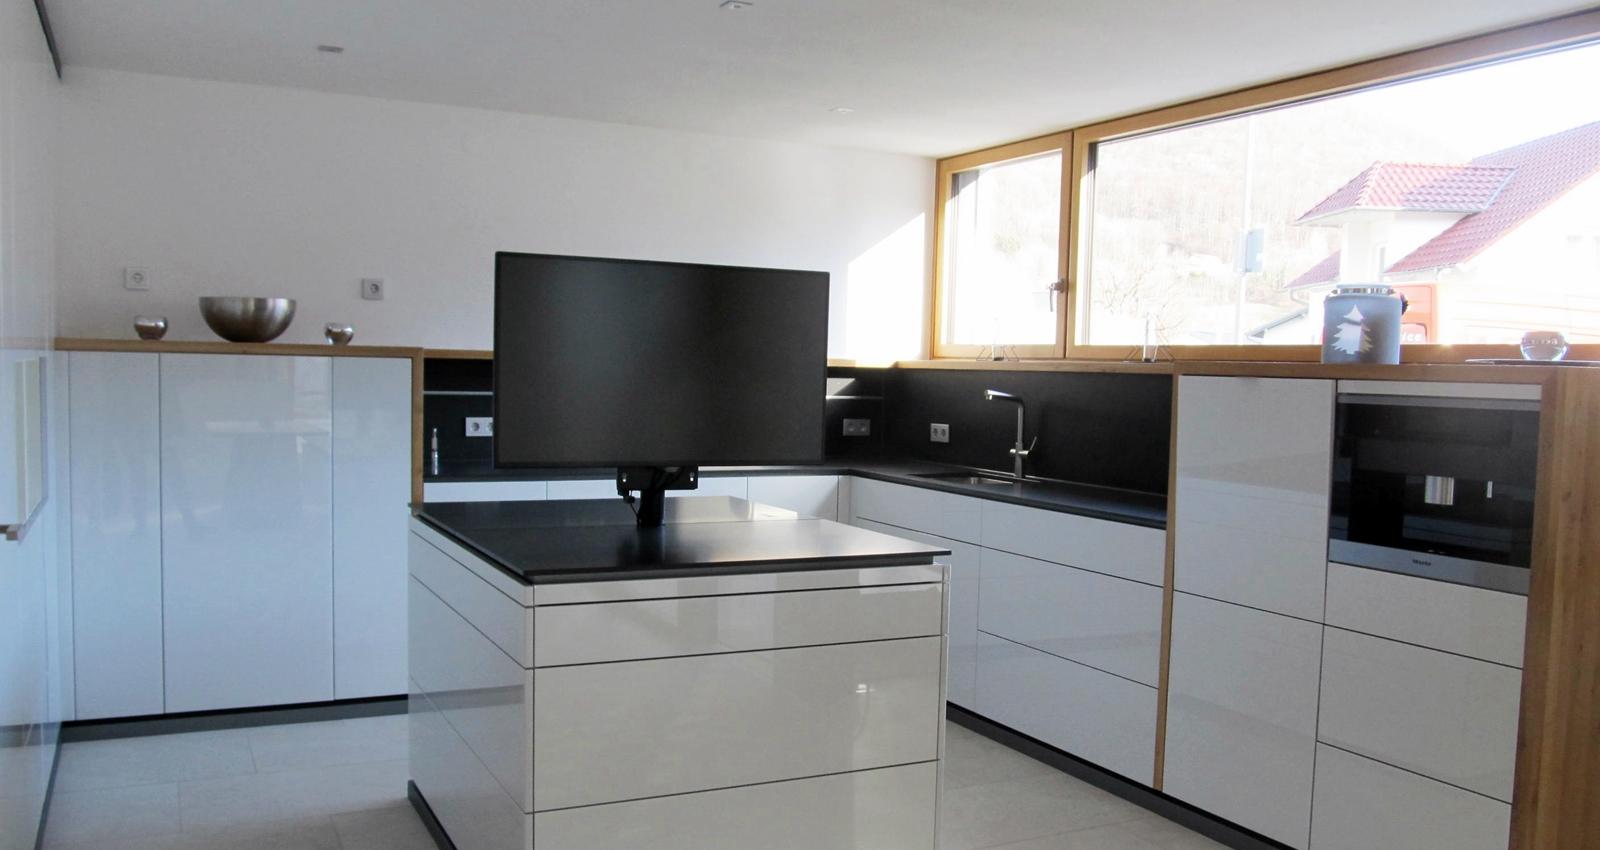 Es ist die Einbauküche im Bio-Solar-Haus der Schreinerei Fiegenbaum mit Bildschirm zu sehen